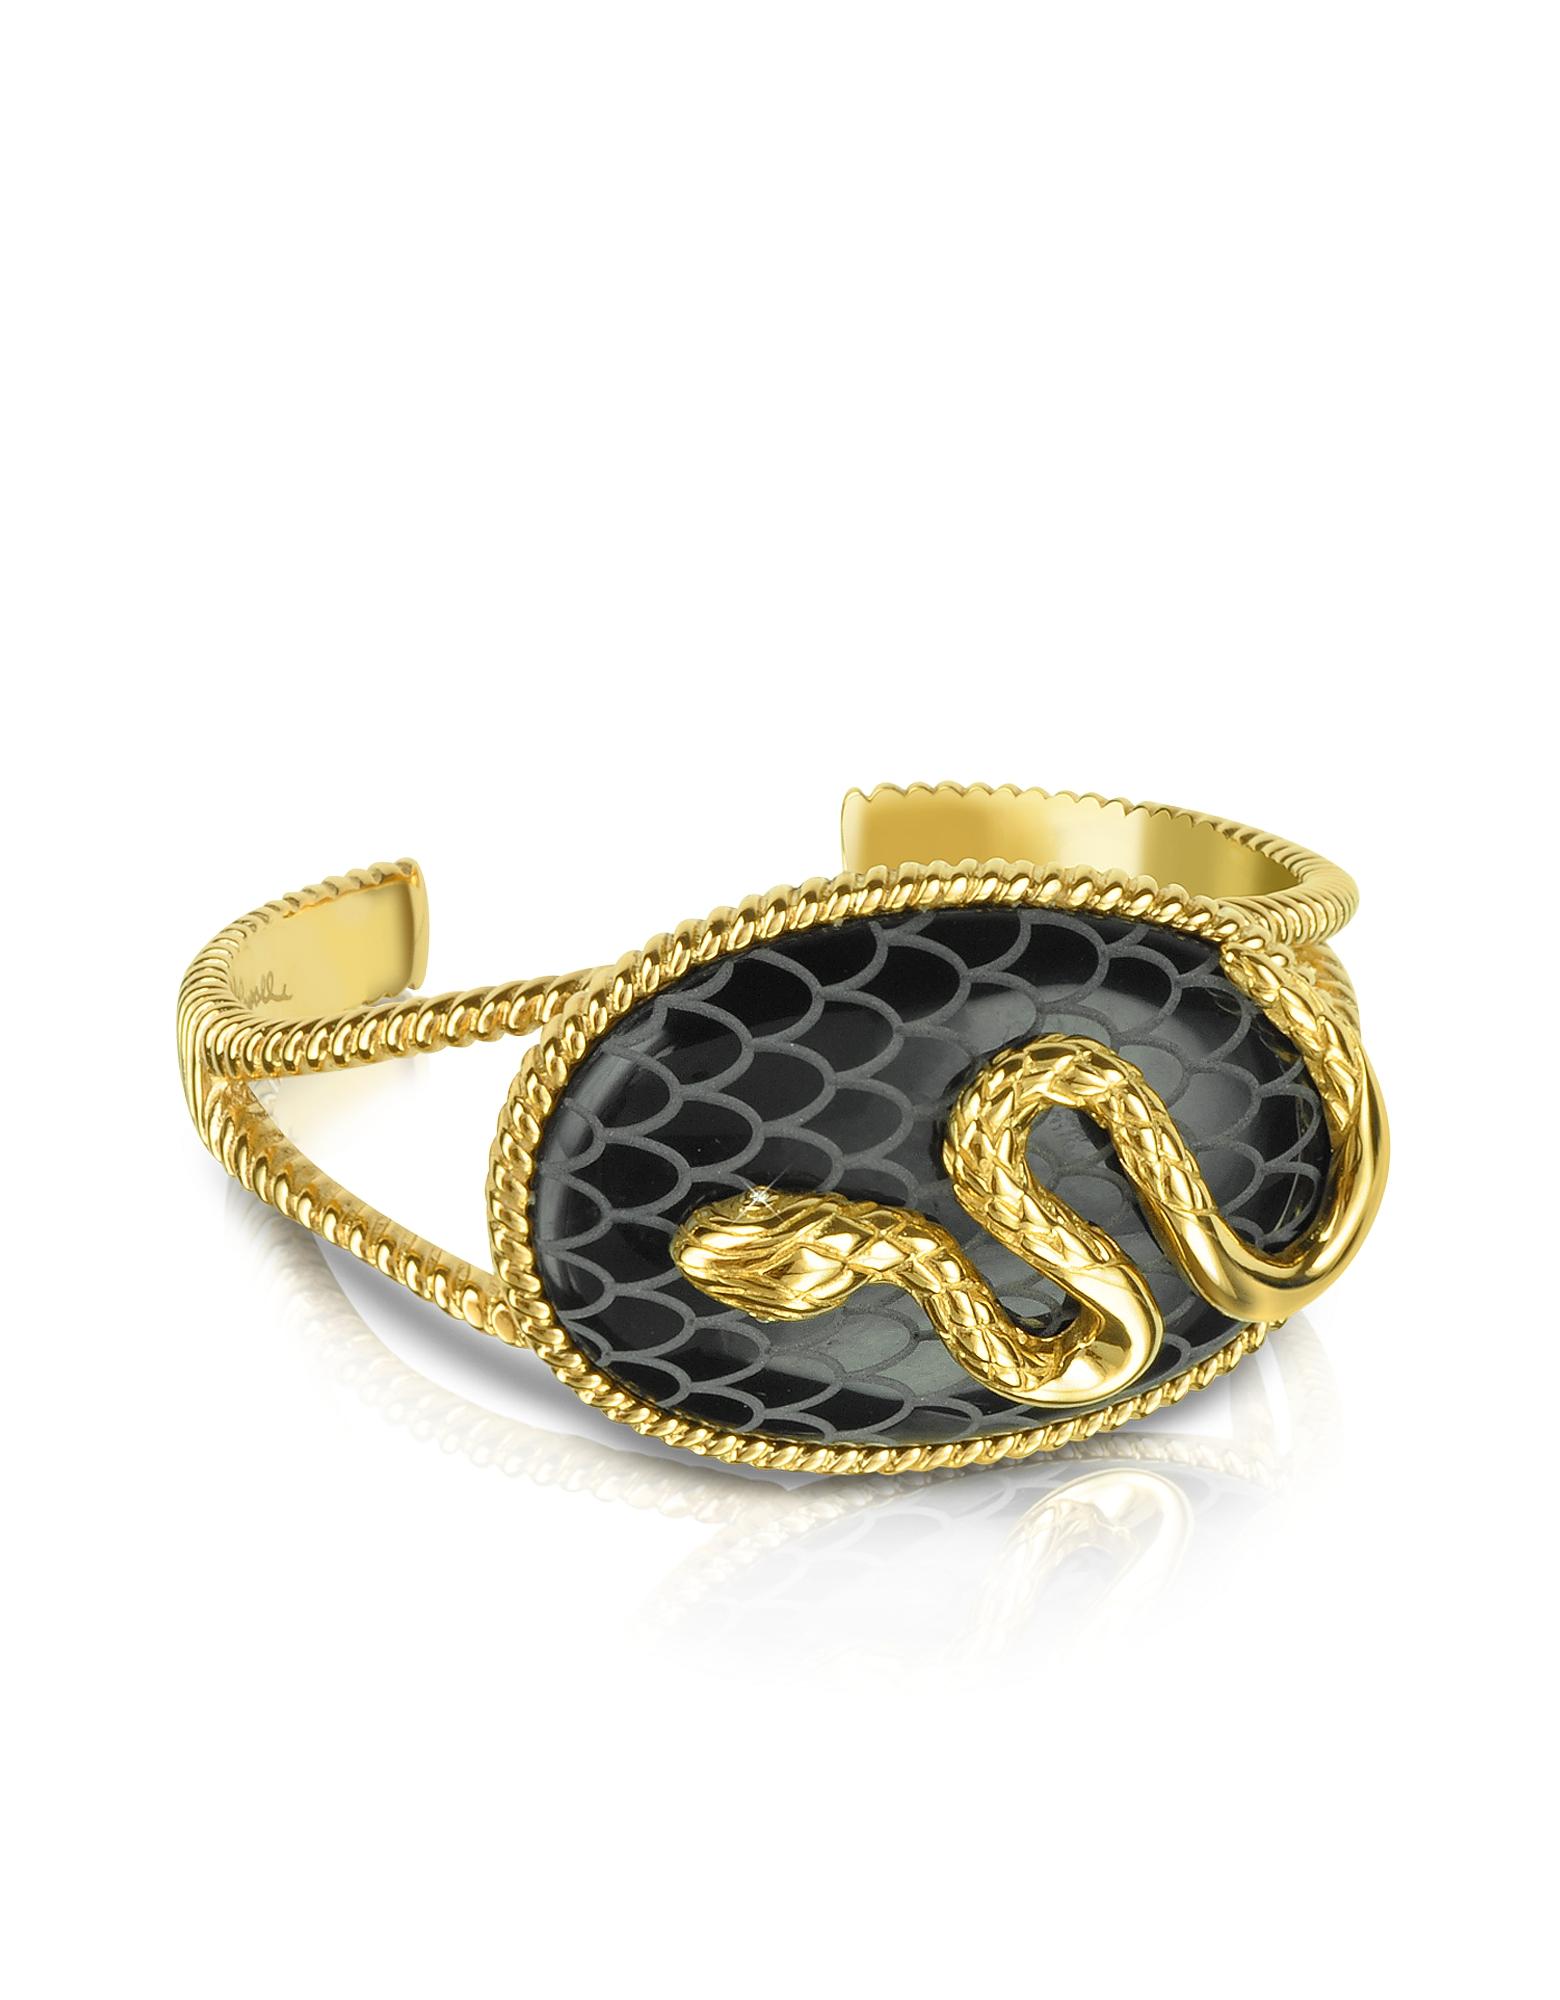 Just Cavalli Bracelets, Amazonia Gold Plated Bangle Bracelet